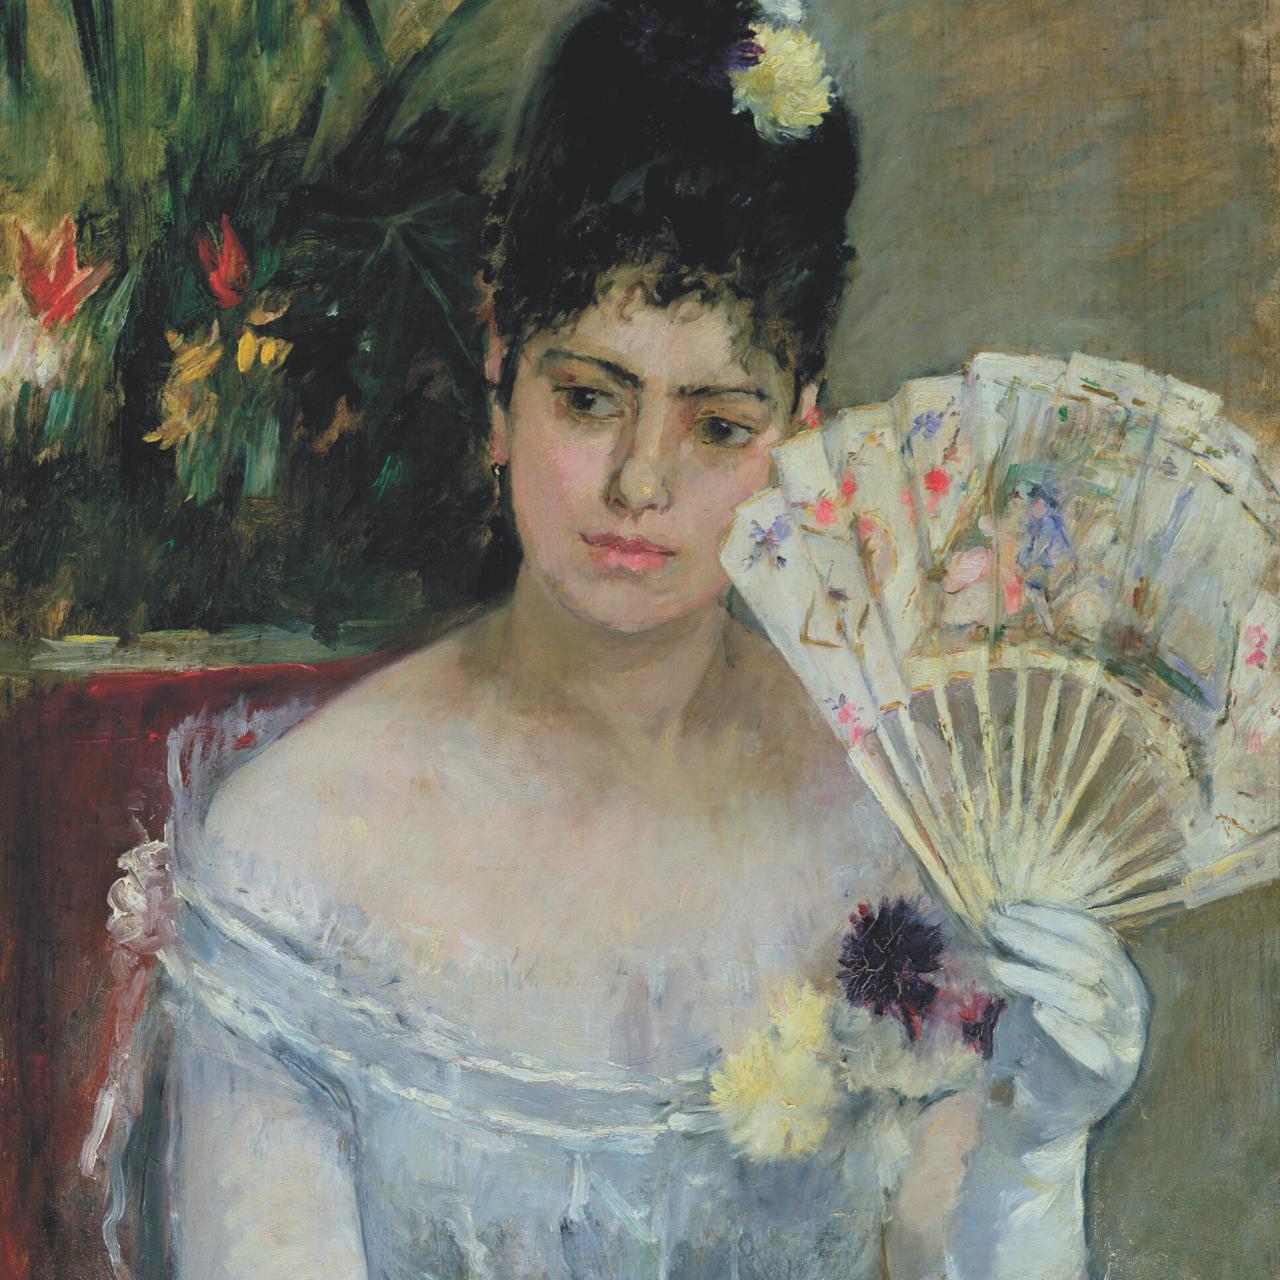 Monet e gli Impressionisti. Capolavori dal Musée Marmottan Monet, Parigi | Palazzo Albergati, Bologna